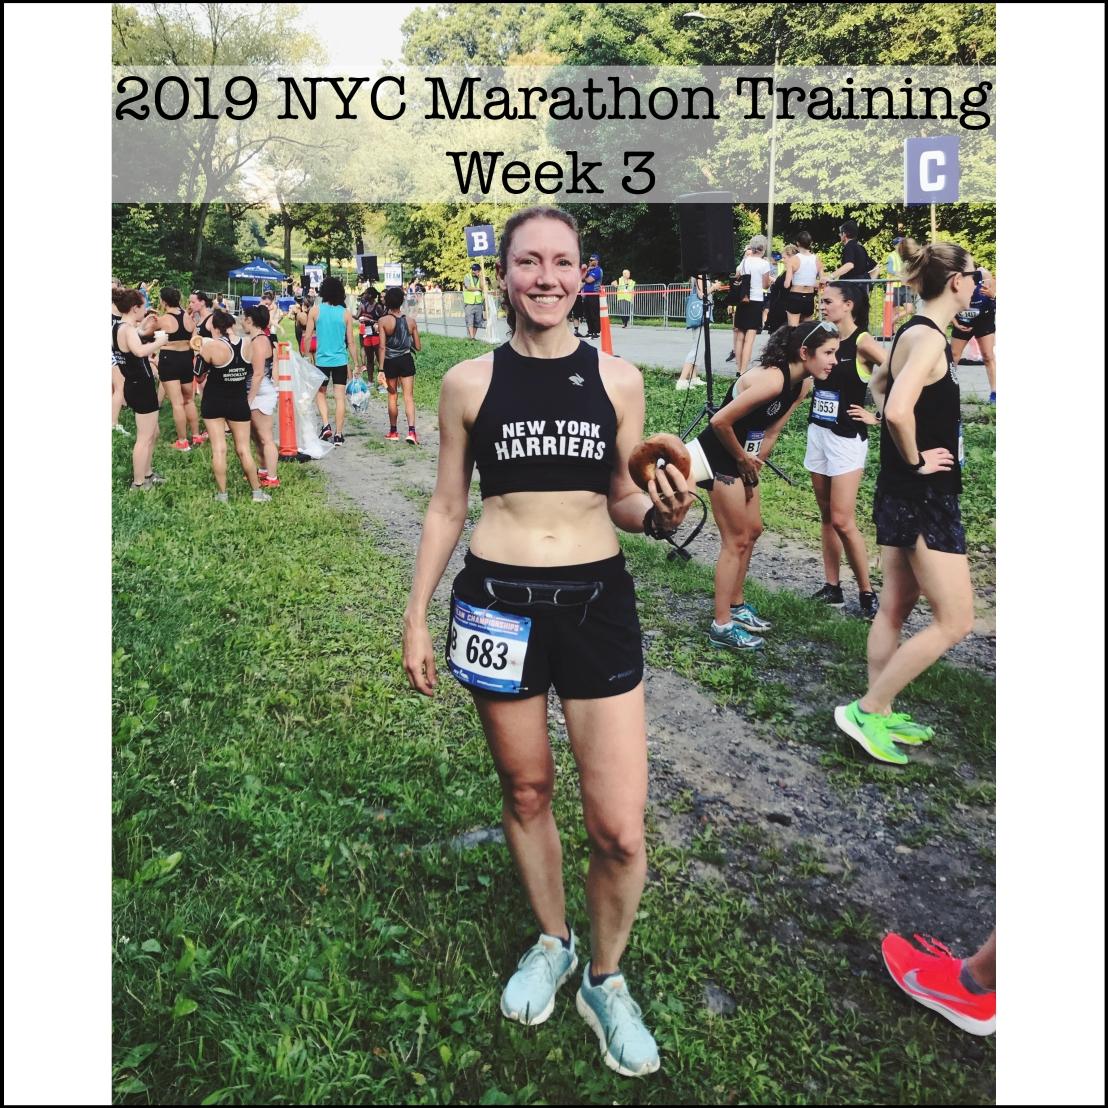 IMG_8468_2019 NYC Marathon Training Week 3 - border